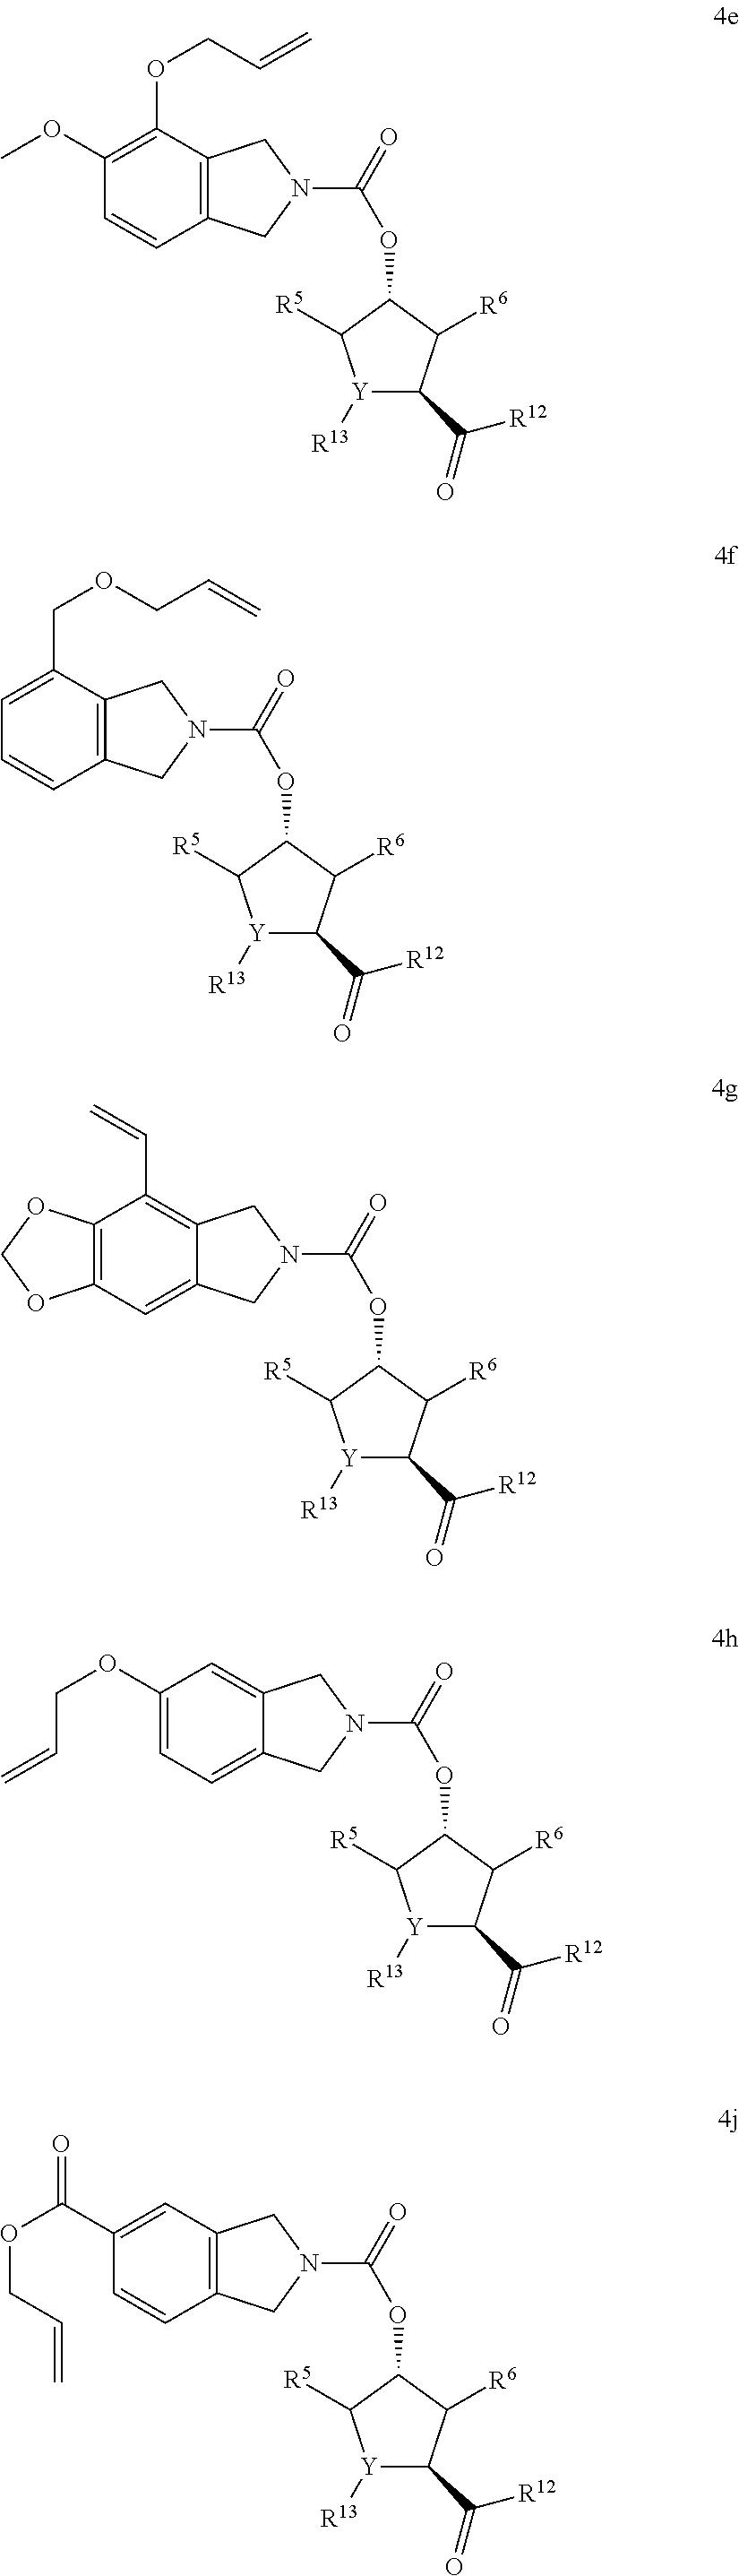 Figure US08962810-20150224-C00113